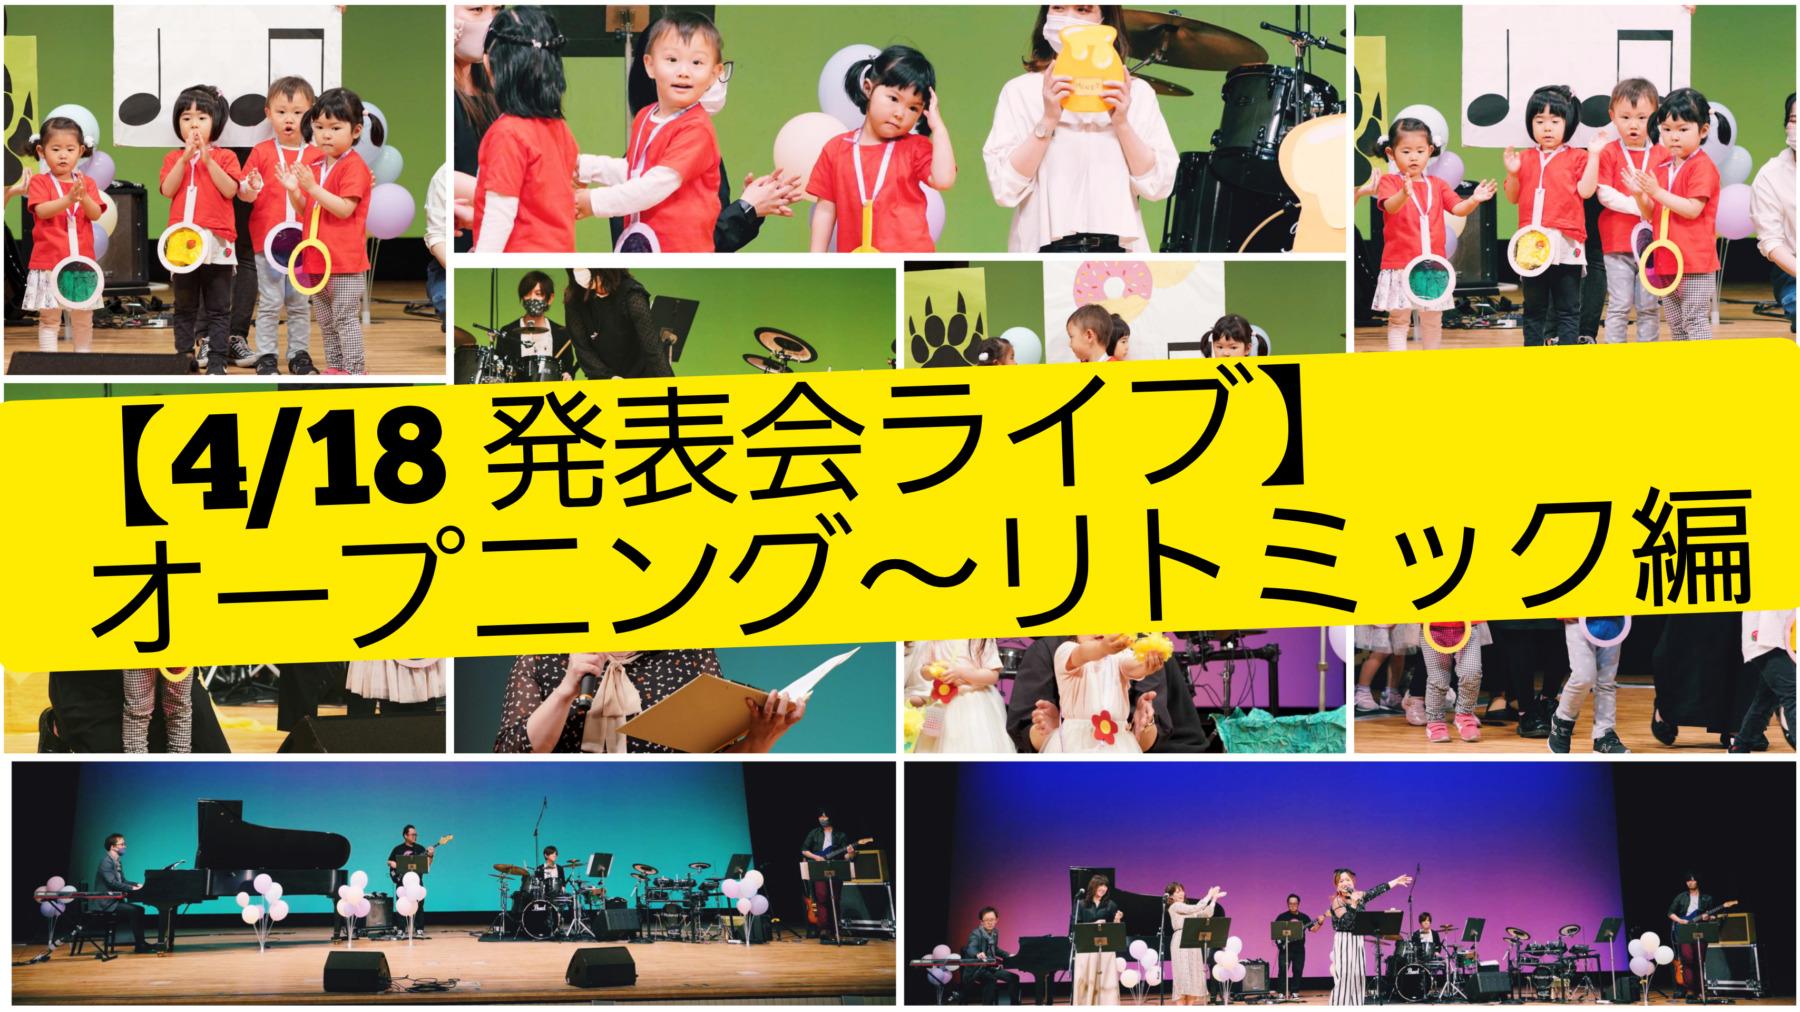 その②【4/18 オープニング~リトミック編】発表会ライブ2021の様子